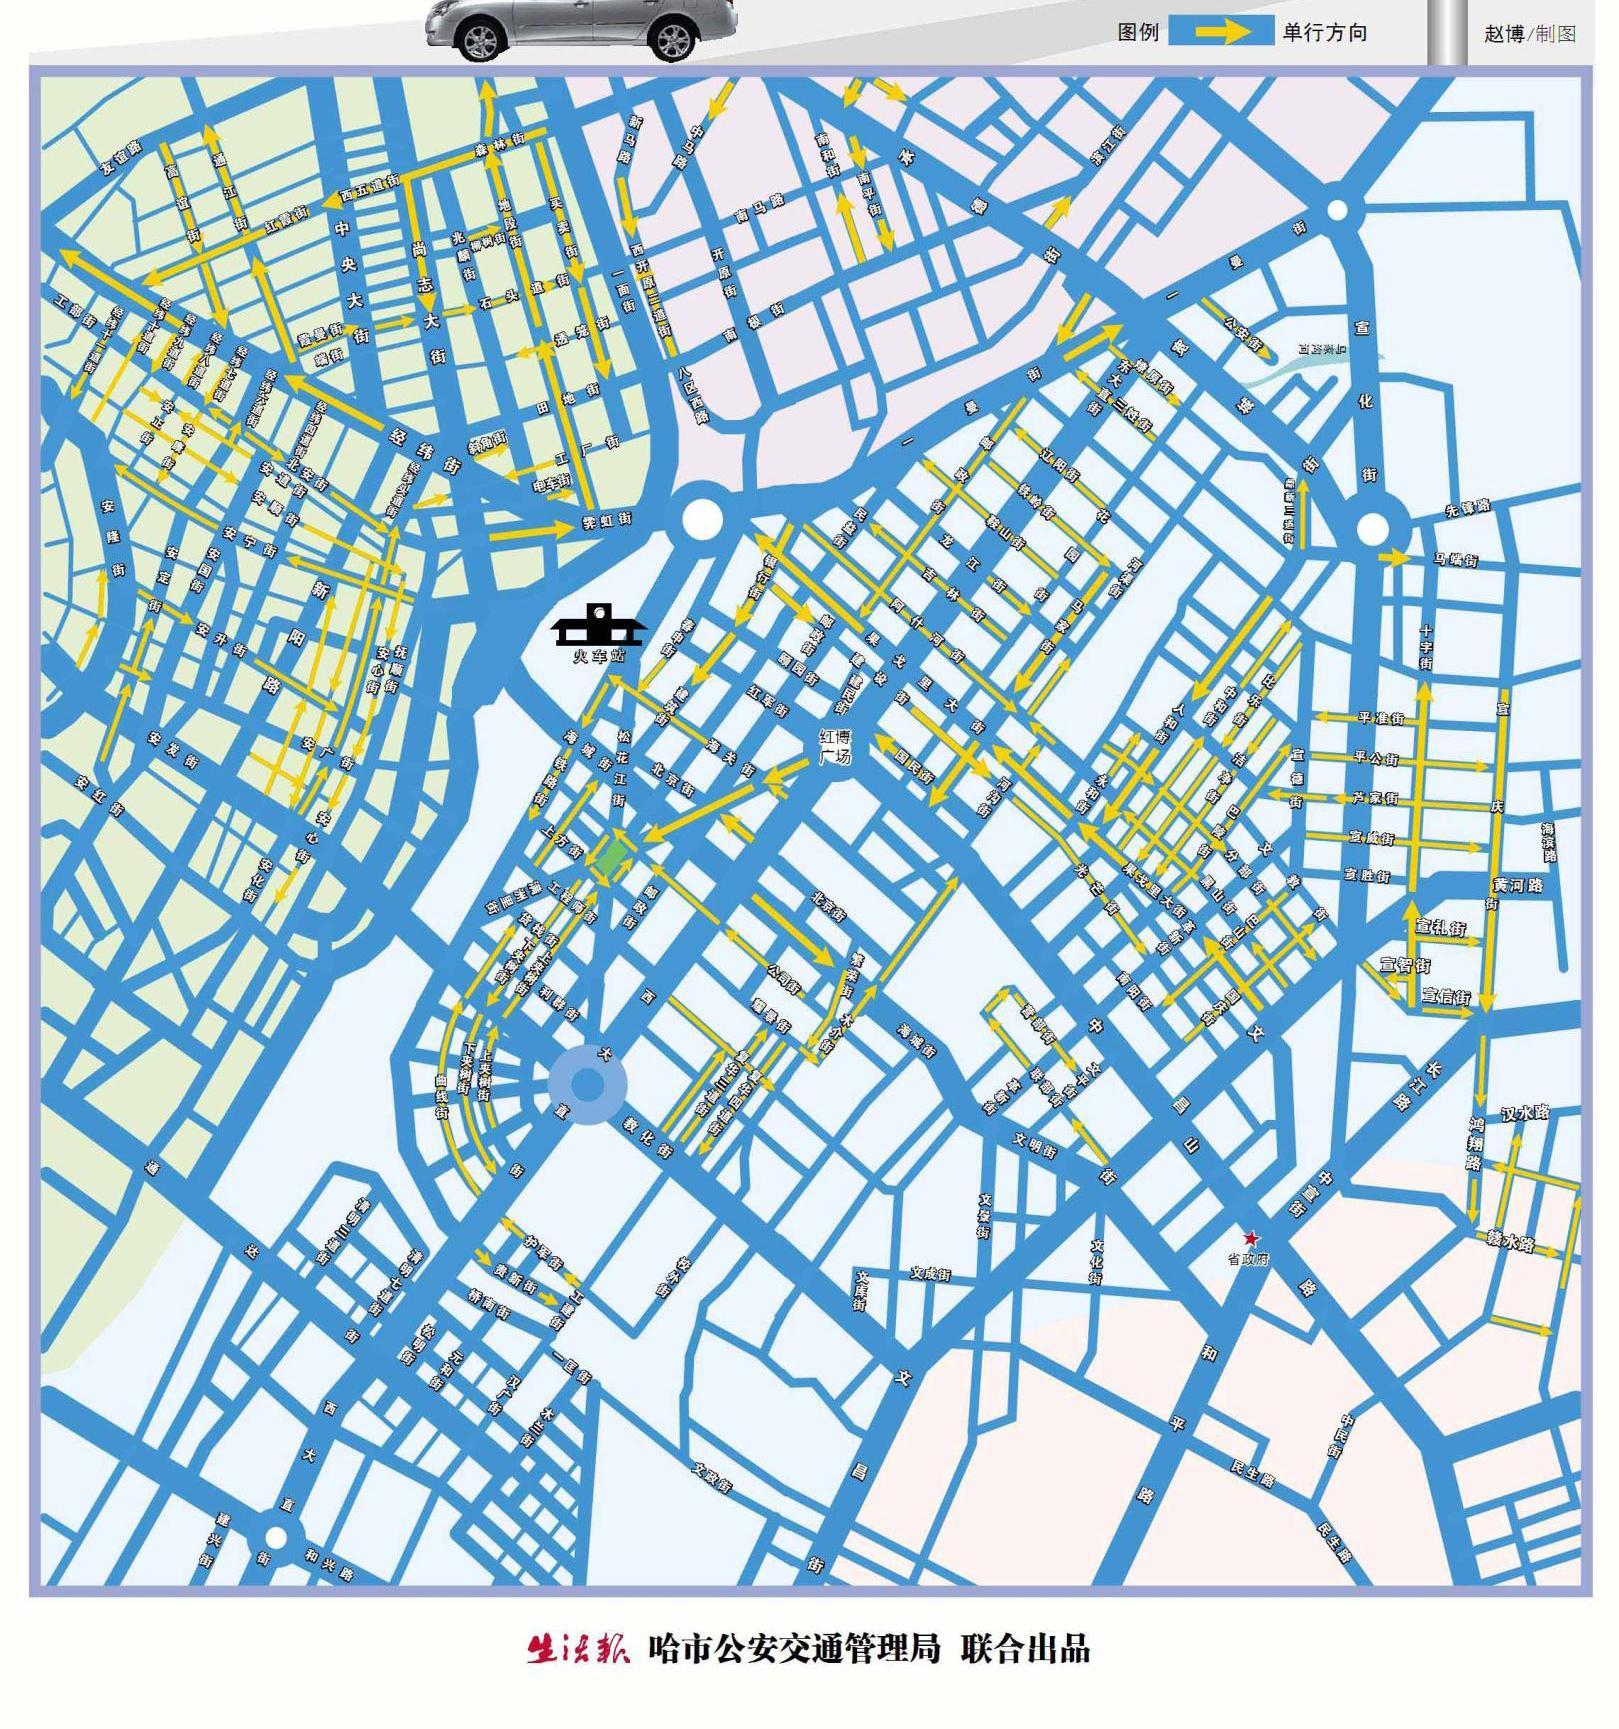 哈尔滨城区主要单行道地图 让你不再误闯吃罚单